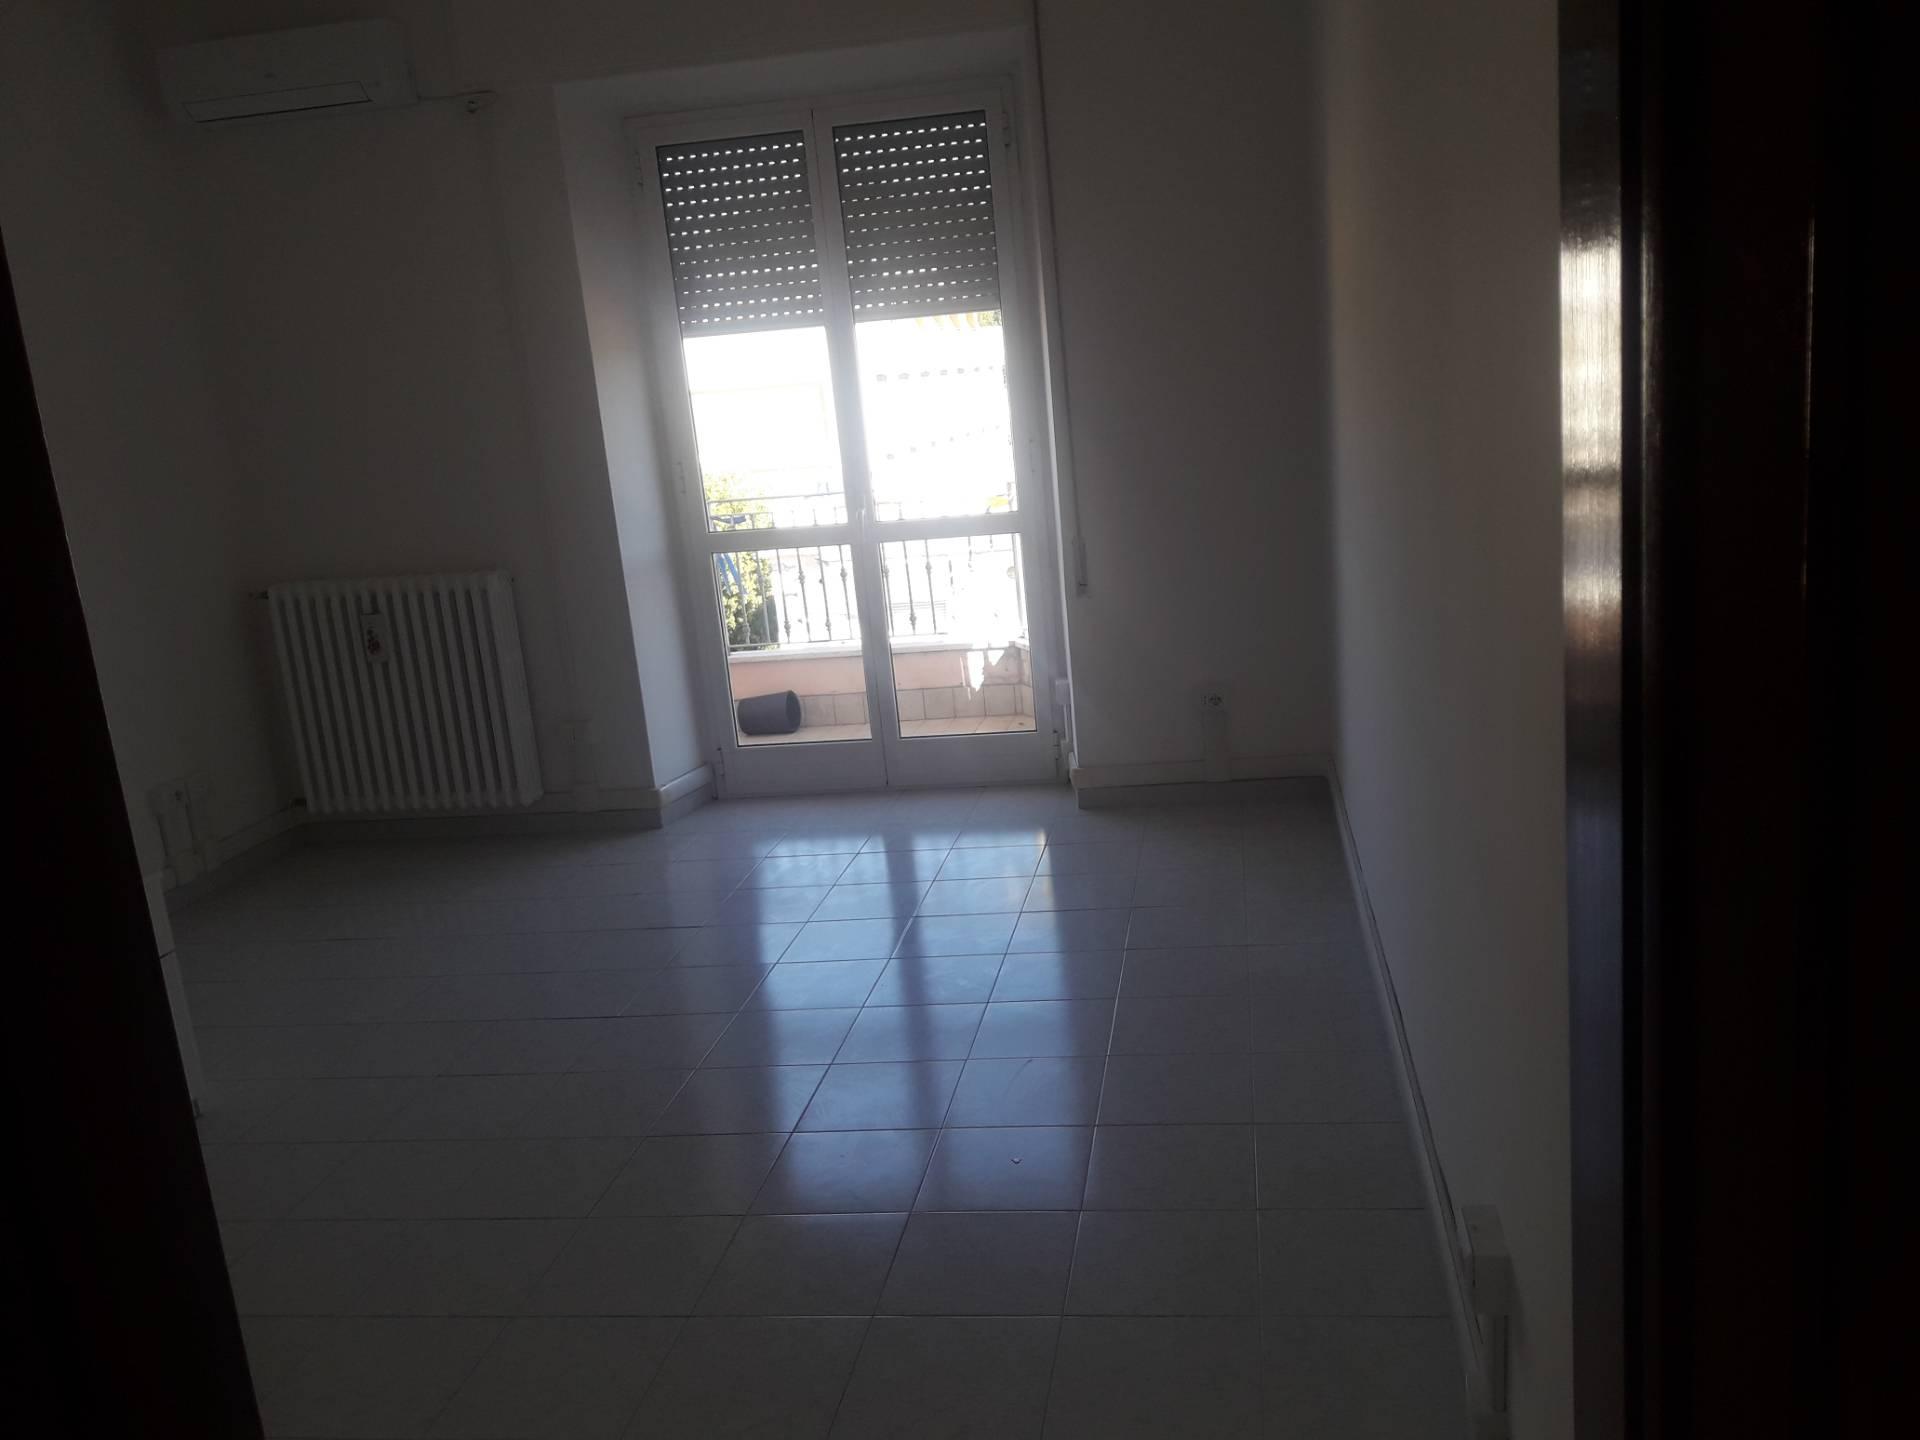 Ufficio / Studio in affitto a Frosinone, 9999 locali, zona Zona: Centro, prezzo € 200 | CambioCasa.it